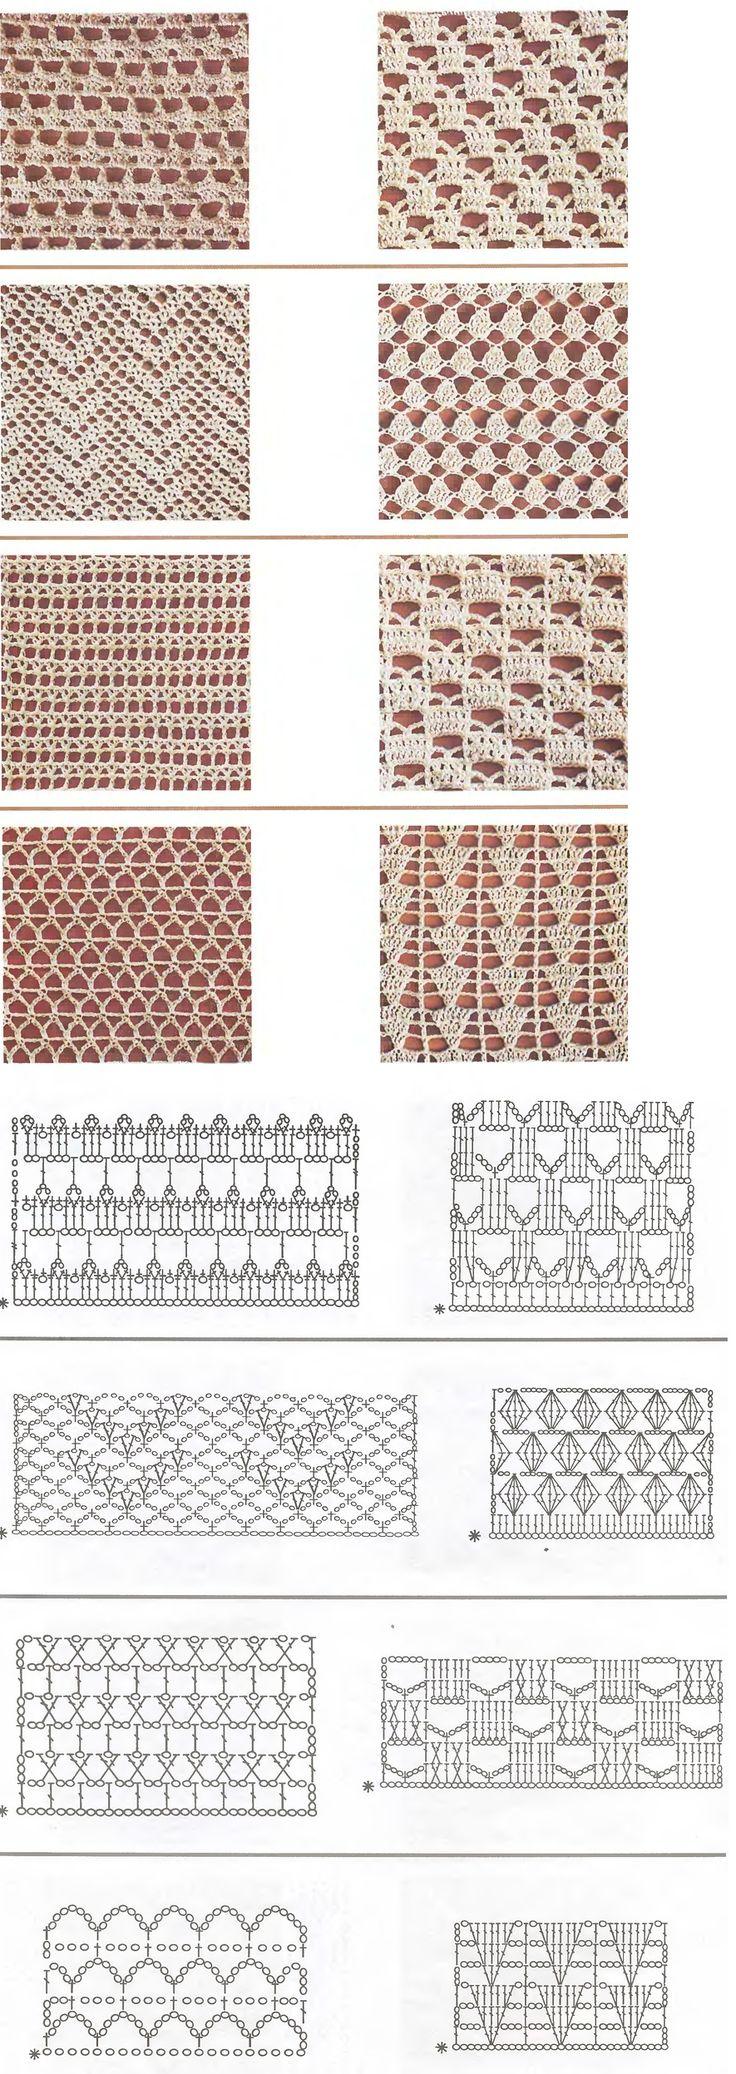 versch. Häkelmuster mit Anleitung- Stitches